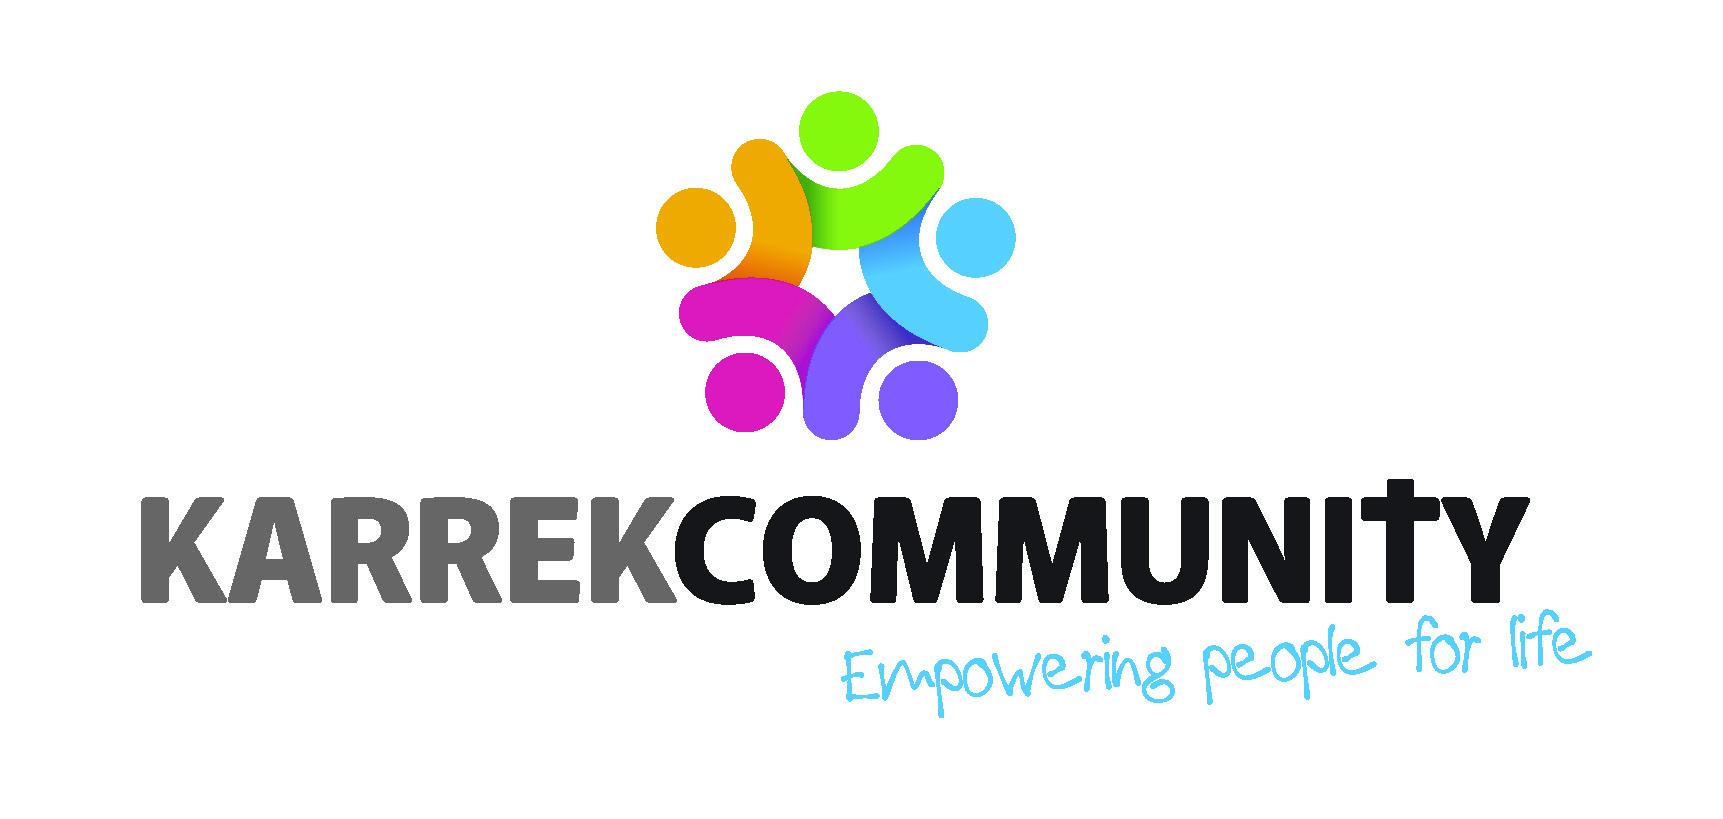 Karrek Community Empowering People for Life